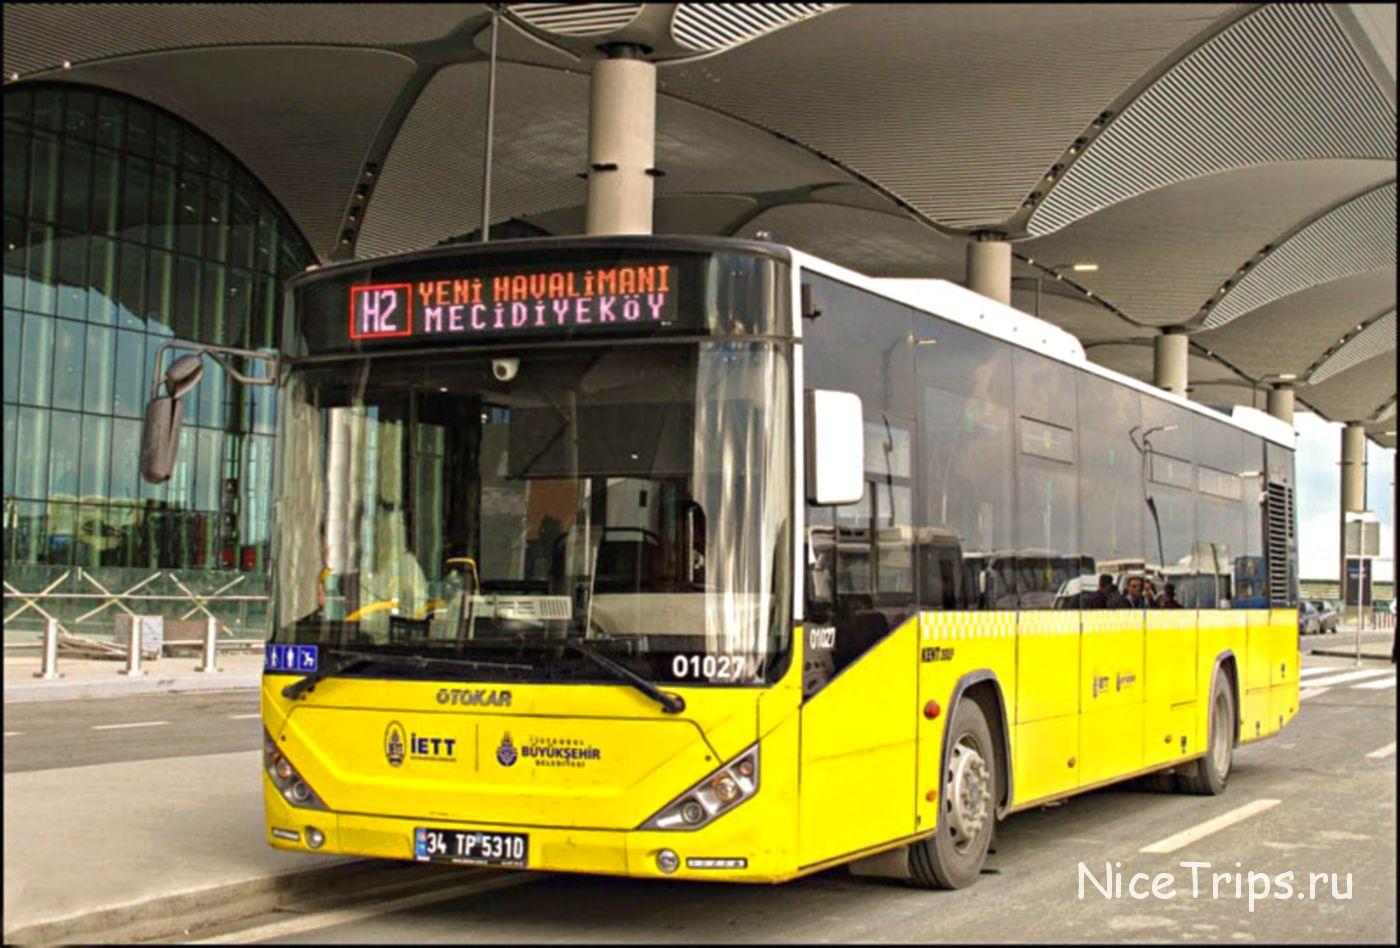 Автобус EITT